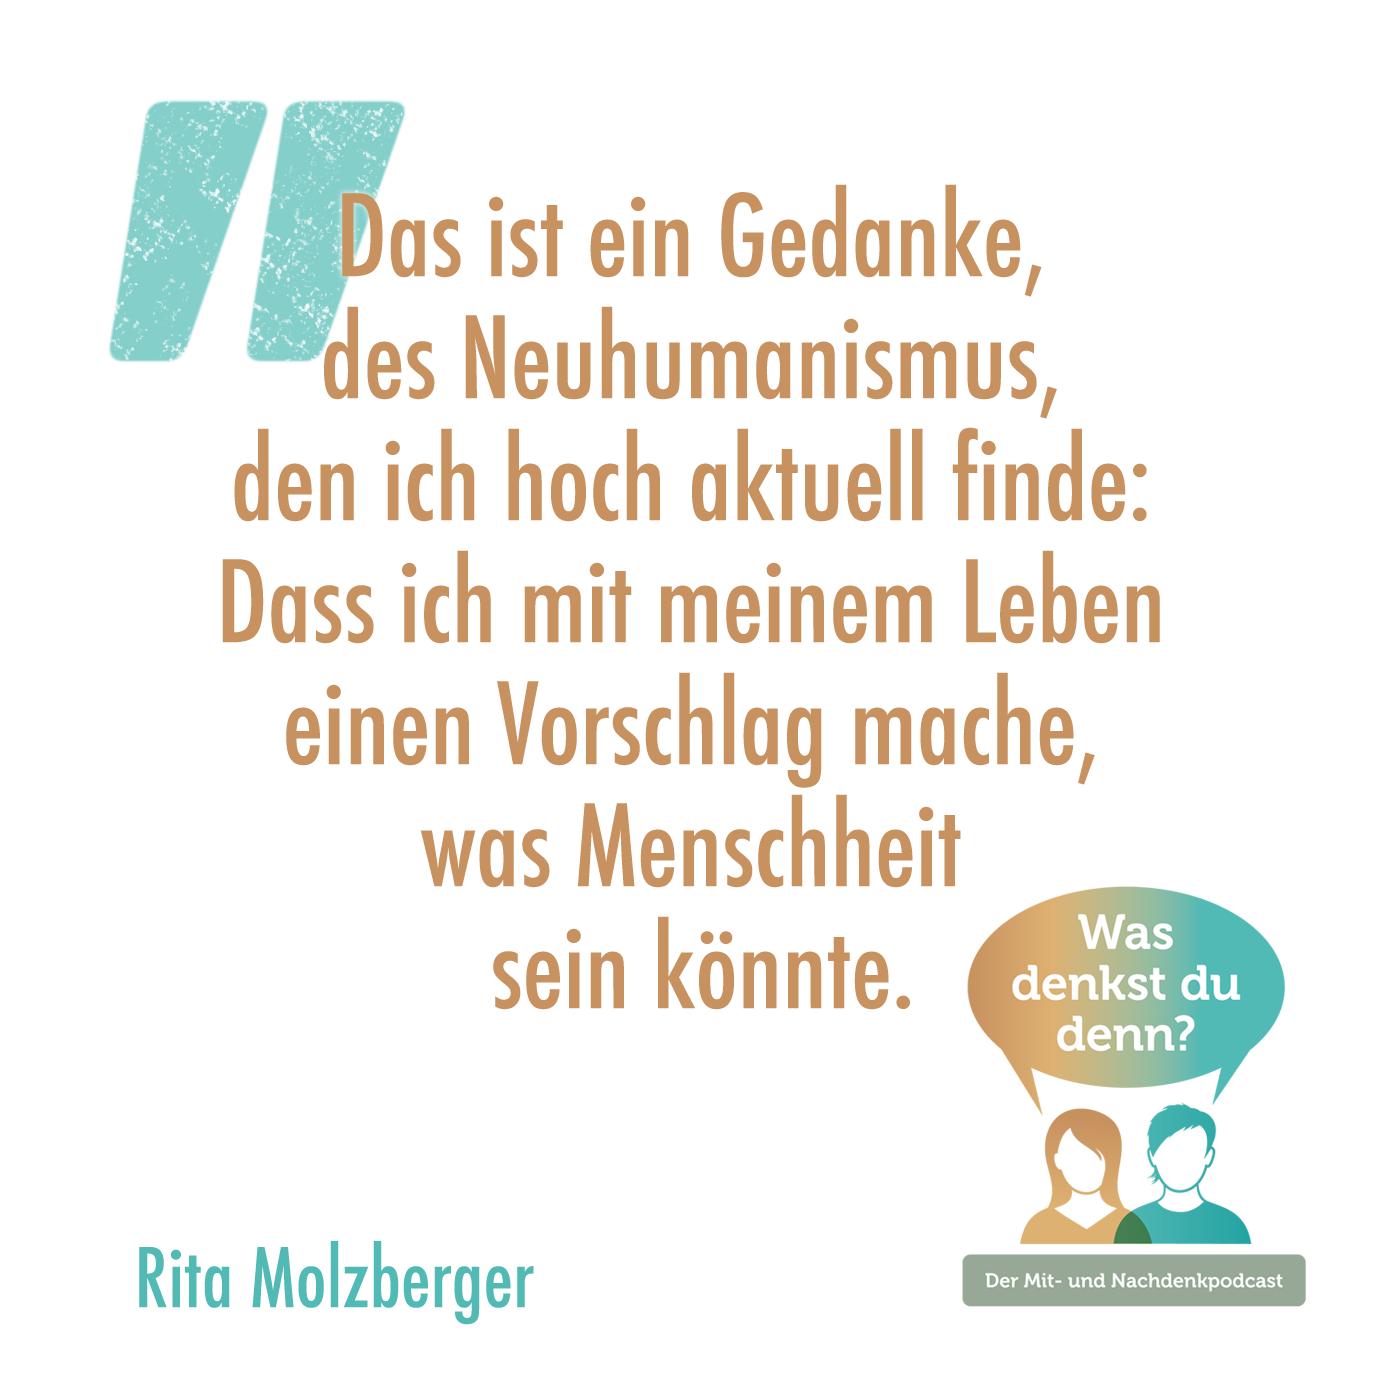 Zitat von Rita: Das ist ein Gedanke, des Neuhumanismus, den ich hoch aktuell finde: Dass ich mit meinem Leben einen Vorschlag mache, was Menschheit sein könnte.